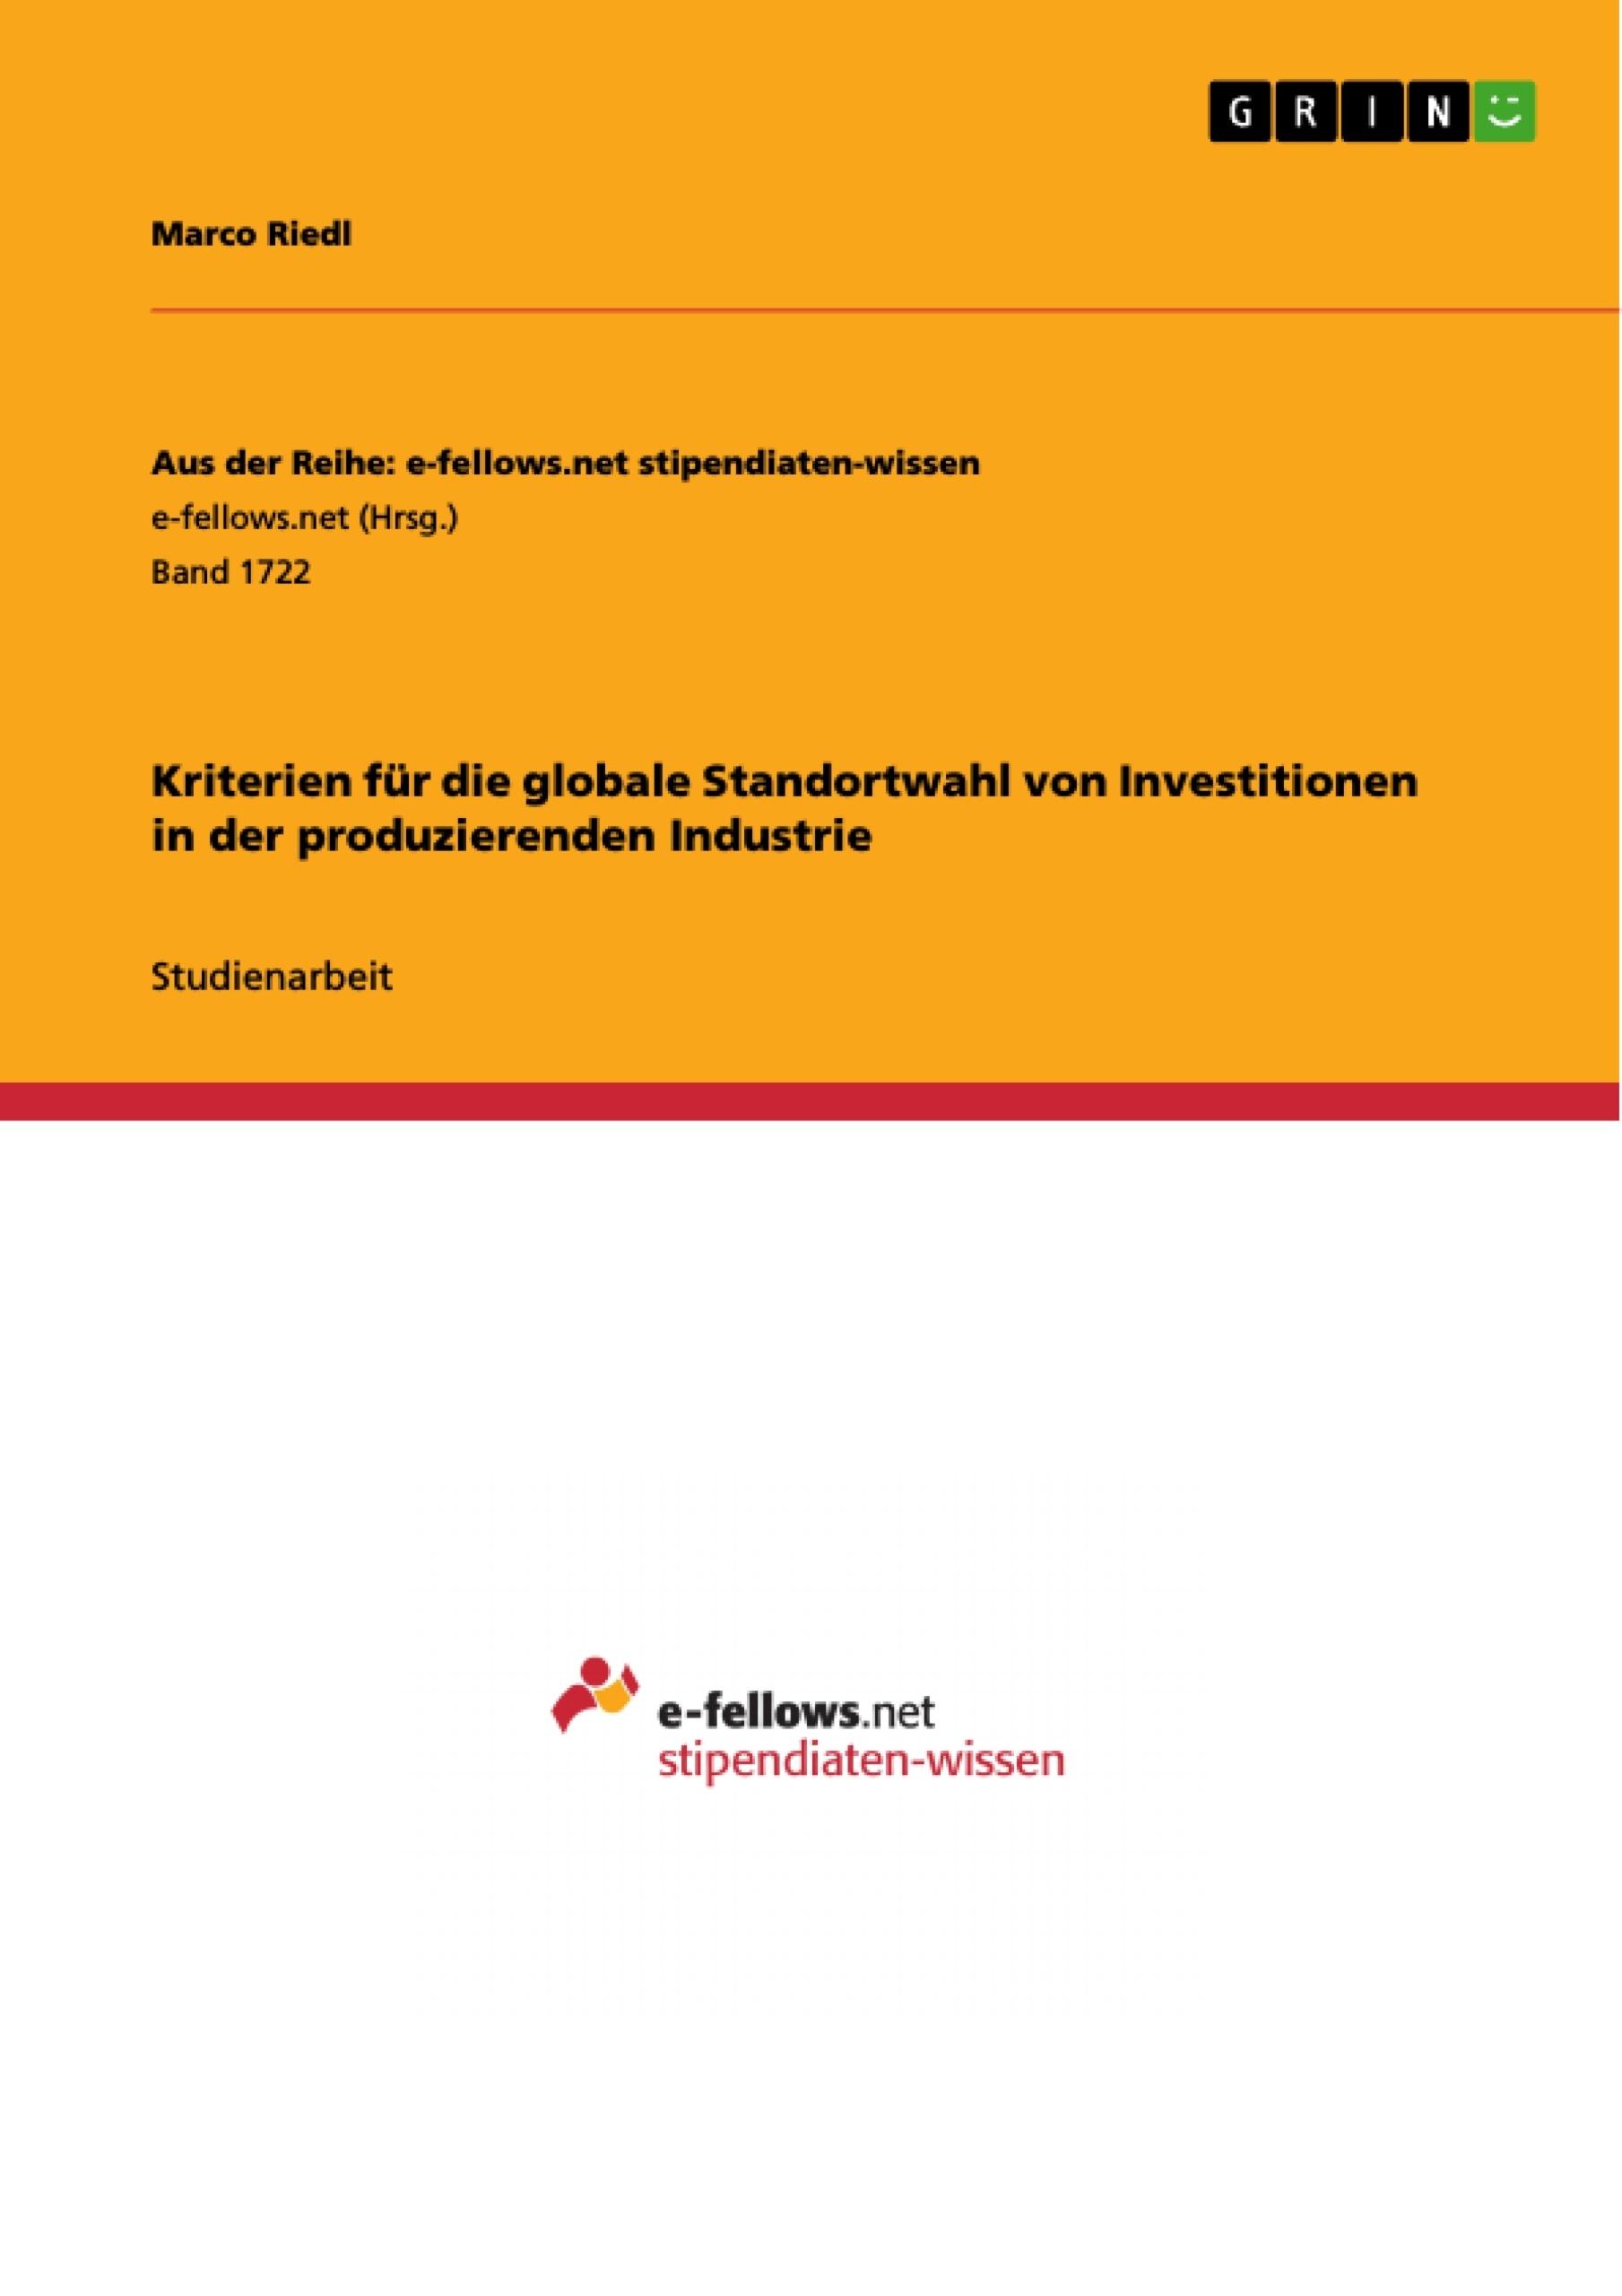 Titel: Kriterien für die globale Standortwahl von Investitionen in der produzierenden Industrie